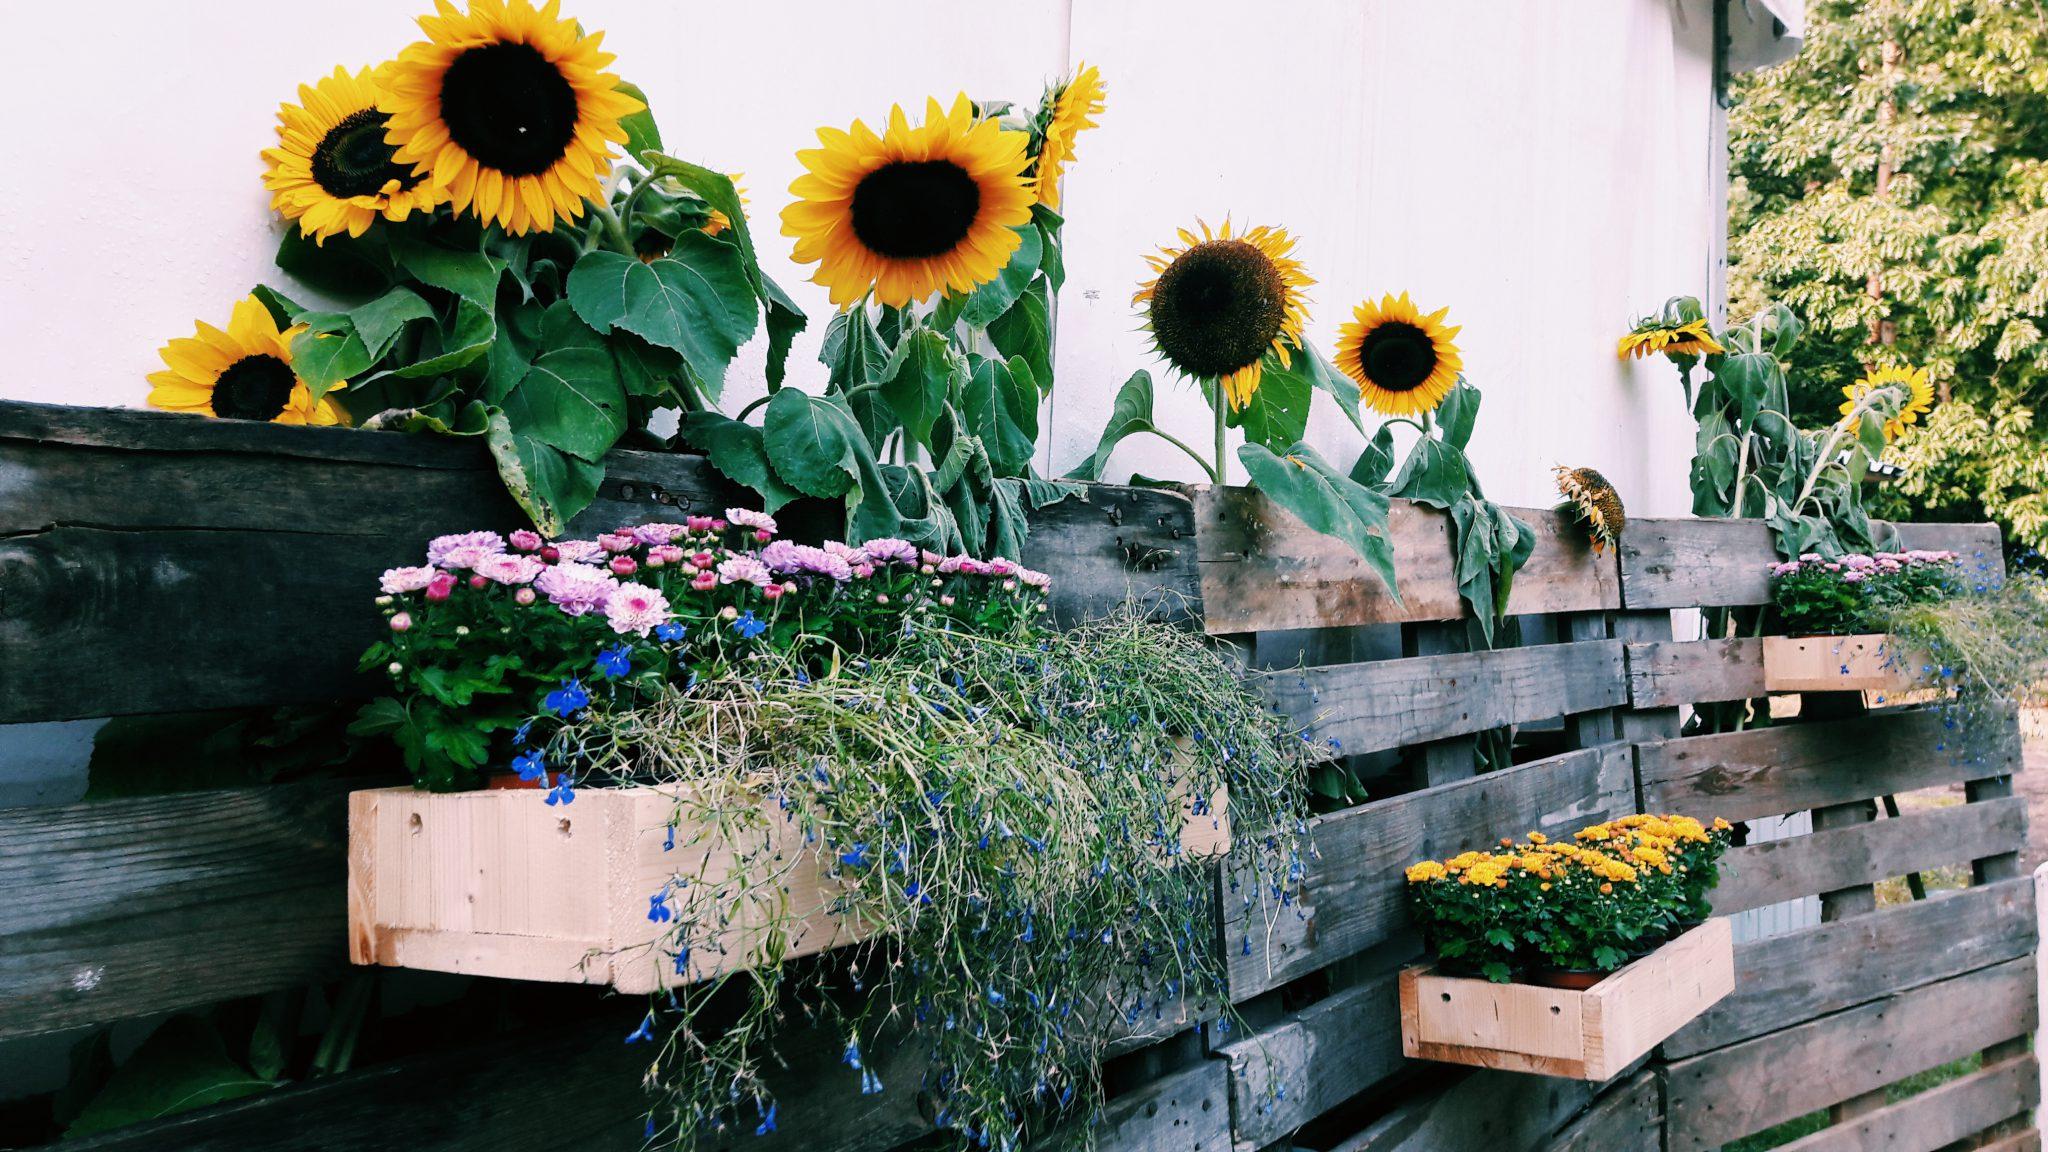 Sonnenblumen begrüßen uns herzlichst